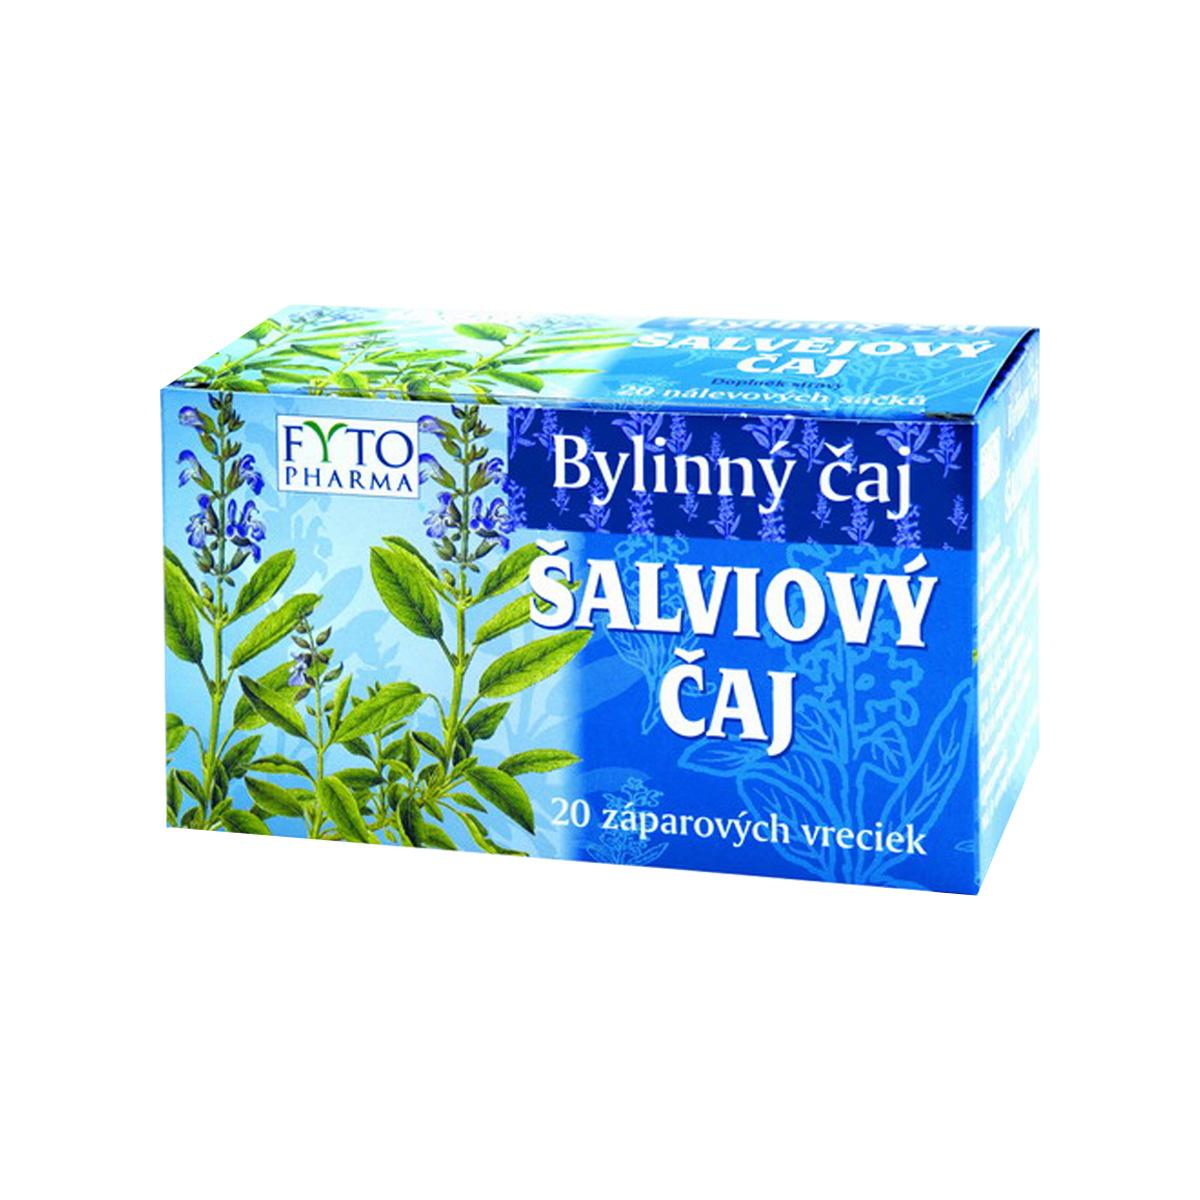 Fytopharma Šalvějový čaj 20 x 1 g